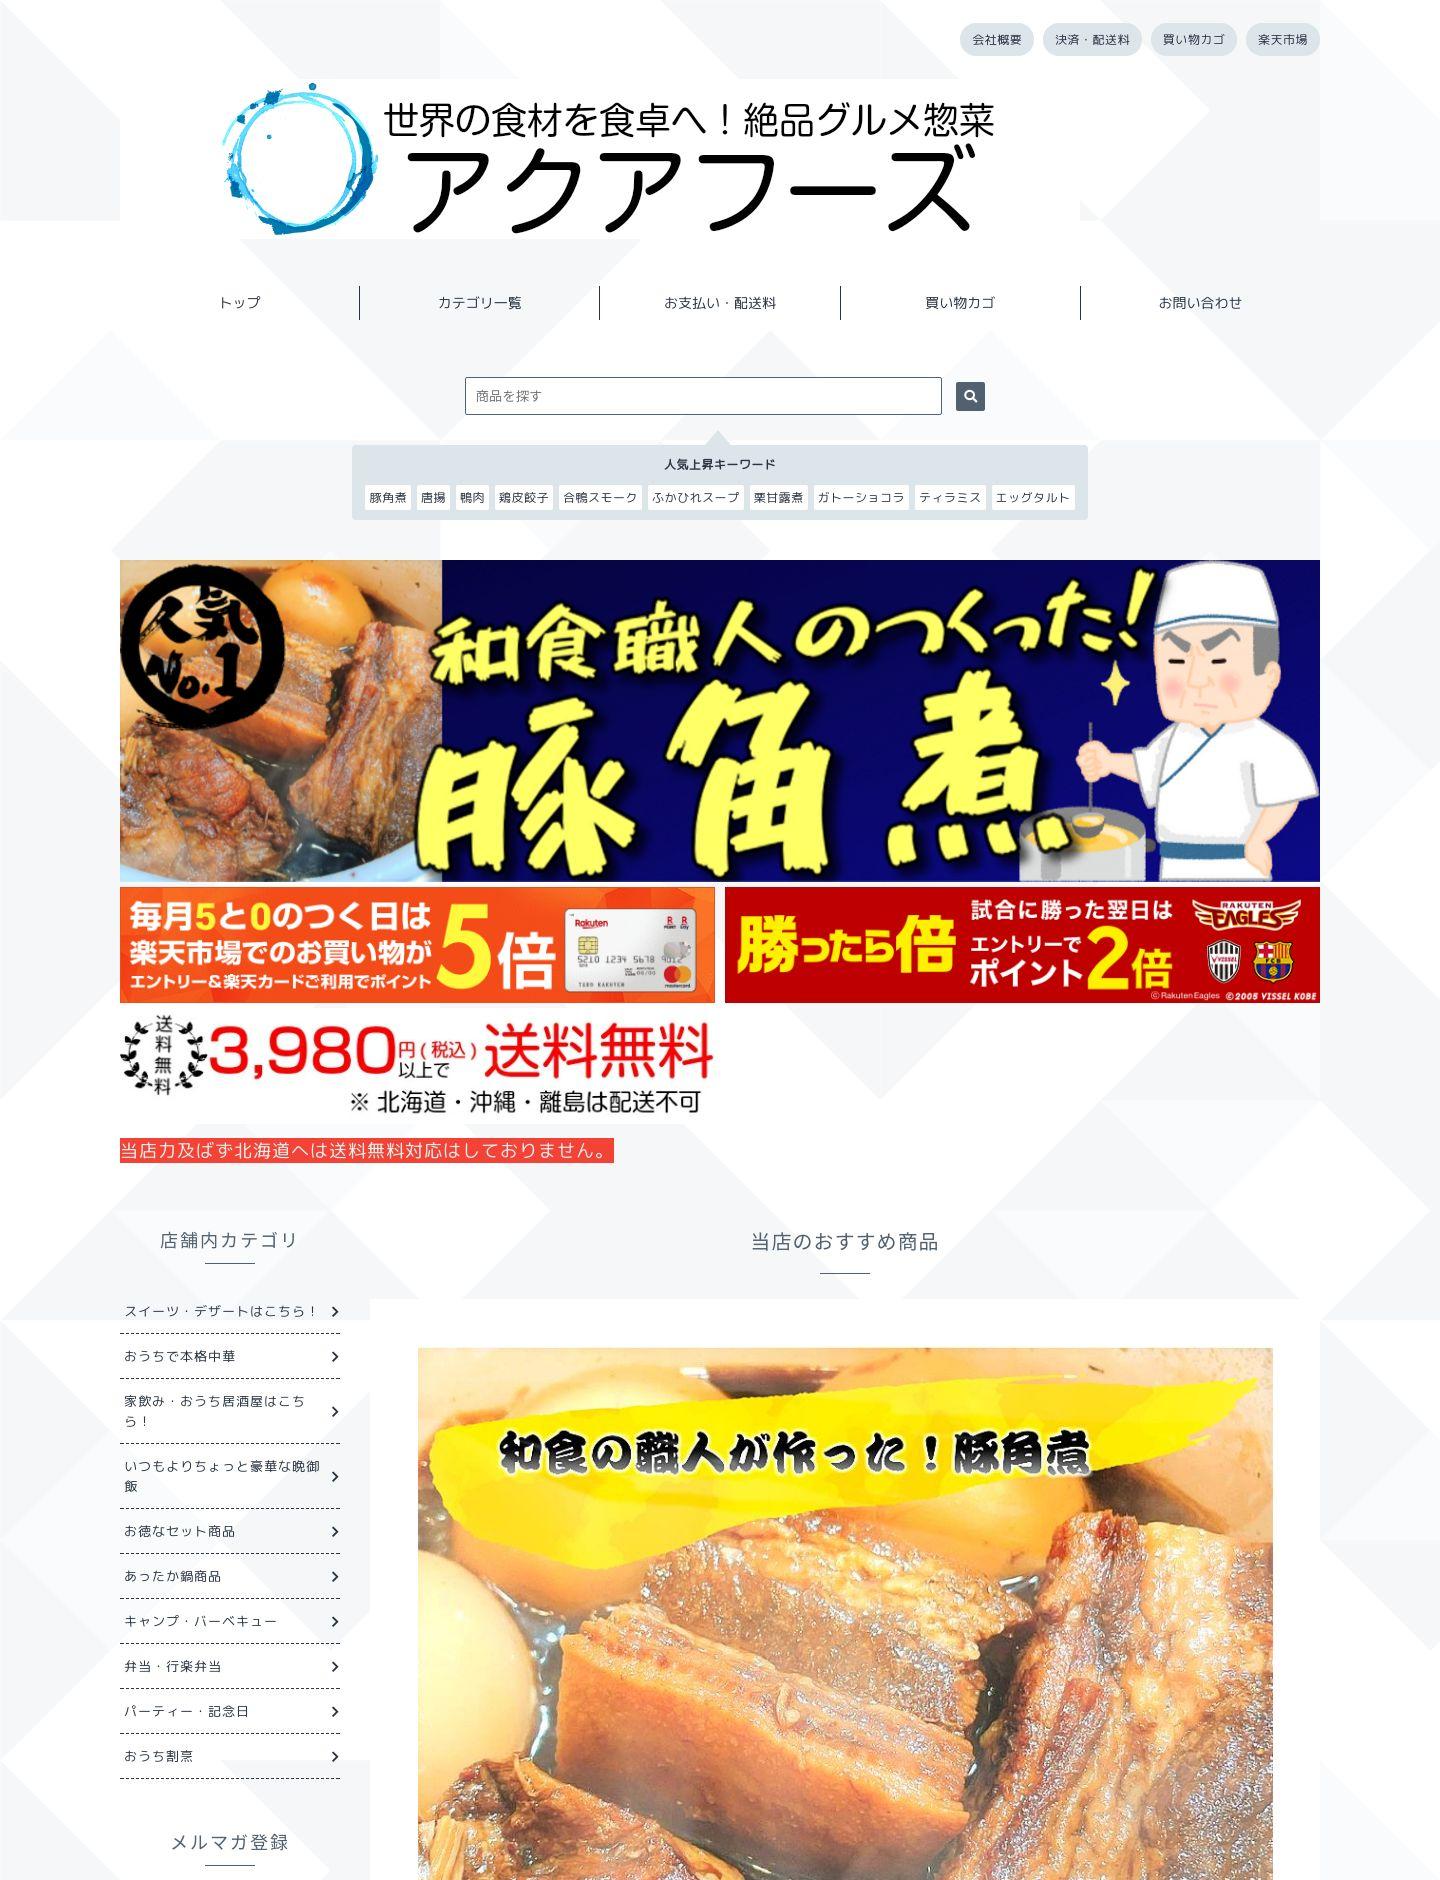 絶品グルメ惣菜アクアフーズ様 サイト画像